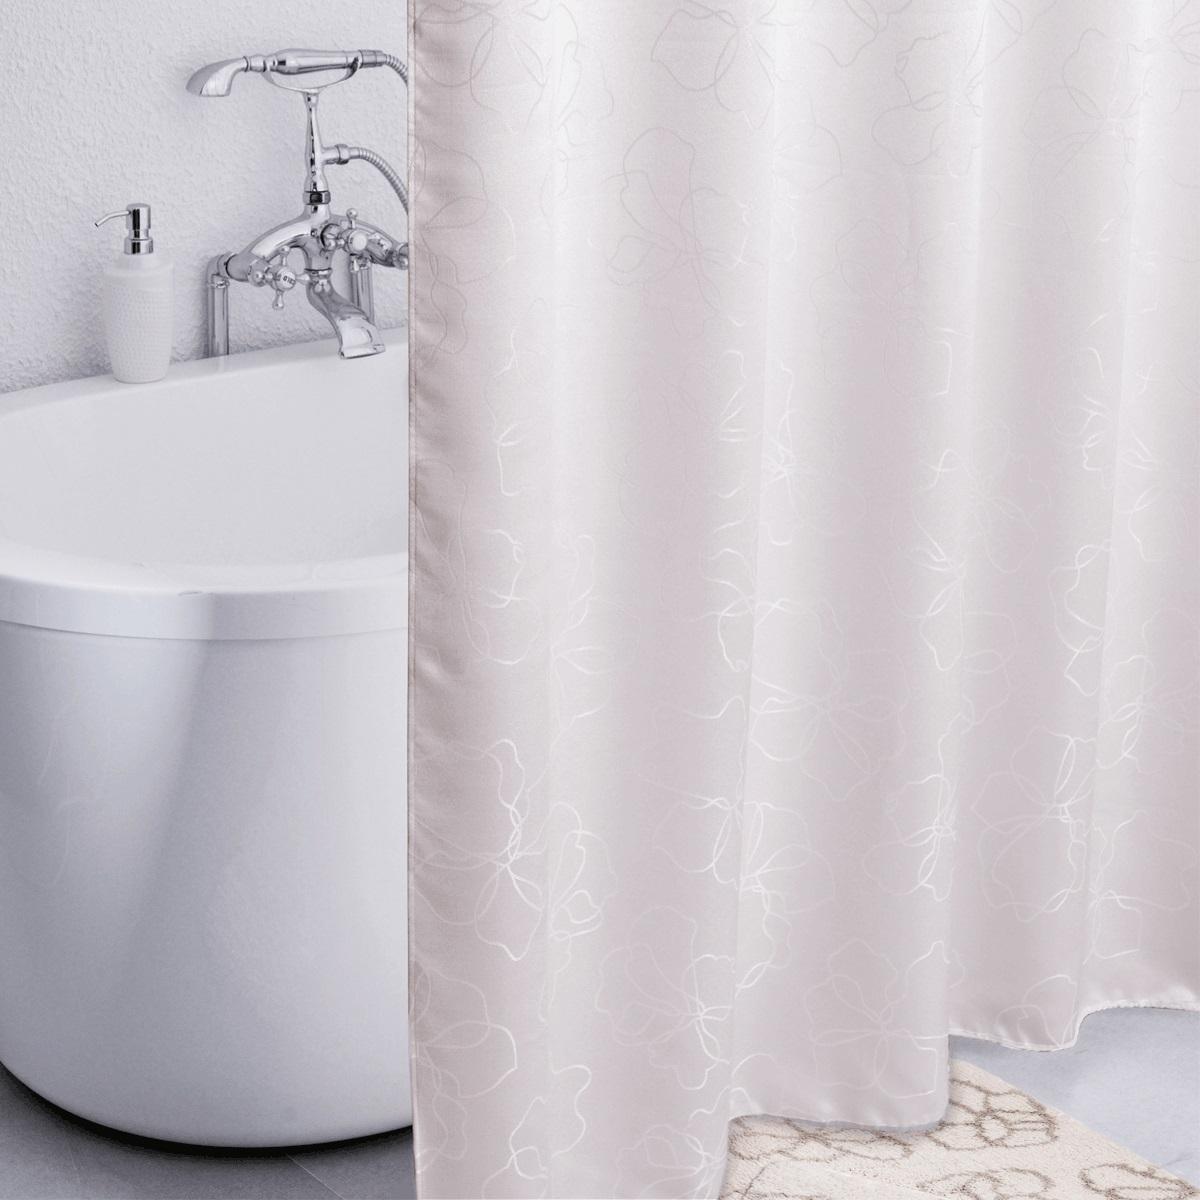 Штора для ванной Iddis Blessed Spring, цвет: белый, 180 x 200 см490J200i11Штора для ванной комнаты Iddis выполнена из быстросохнущего материала - жаккарда (100% полиэстер), что обеспечивает прочность изделия и легкость ухода за ним.Материал шторы пропитан специальным водоотталкивающим составом Waterprof.Изделие изготовлено из экологически-чистого материала, оно обладает высокой степенью гигиеничности, не вызывает аллергических реакций.Штора имеет 12 металлических люверсов. В комплекте: штора и кольца с системой Click.